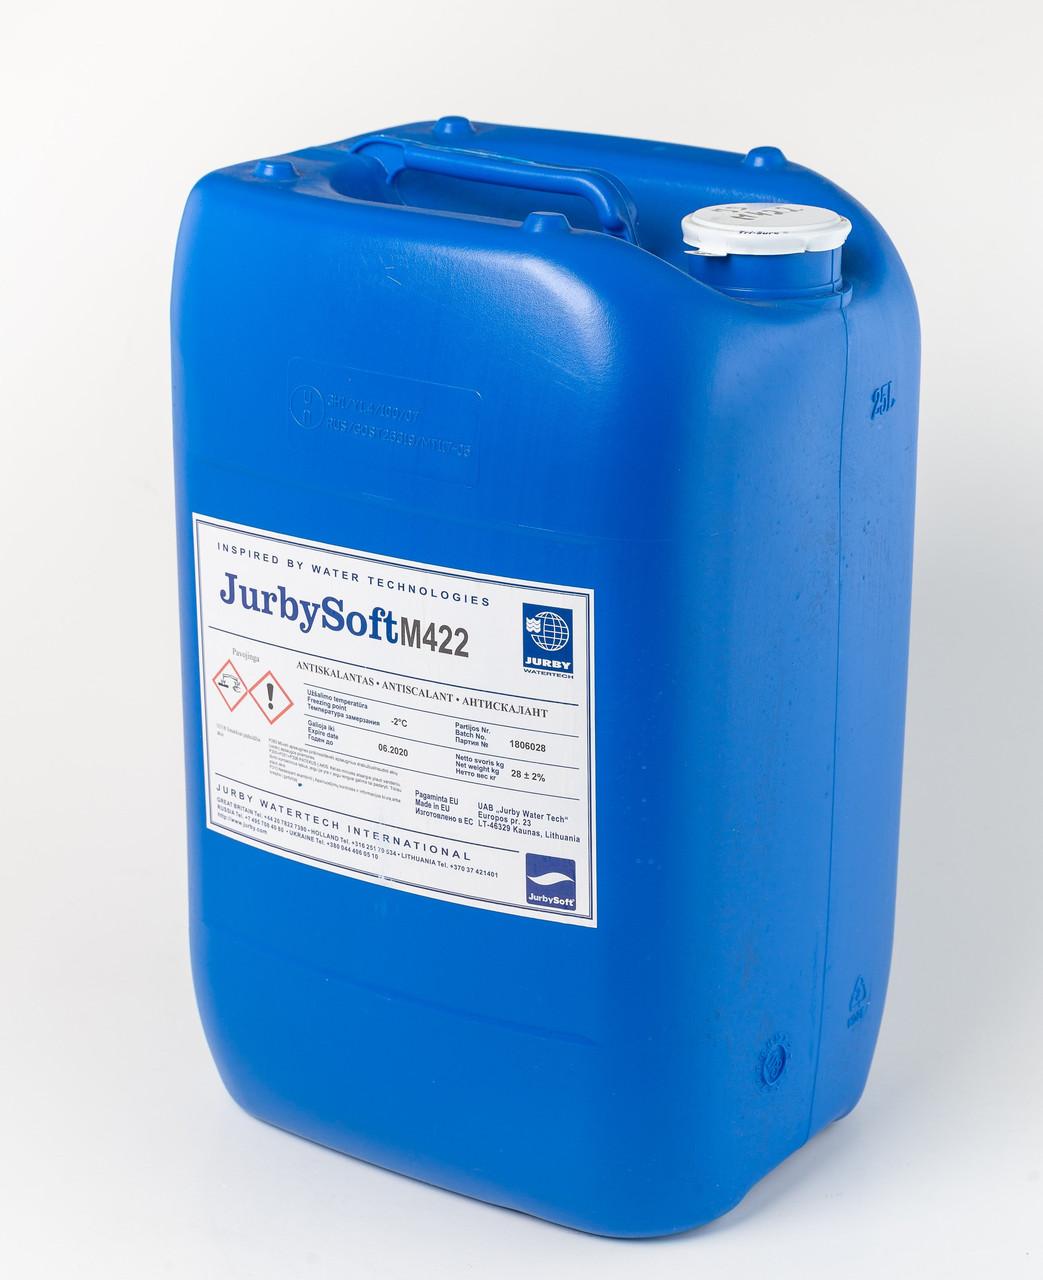 Кислотний реагент для промивання мембран JurbySoft M433 (29 кг)